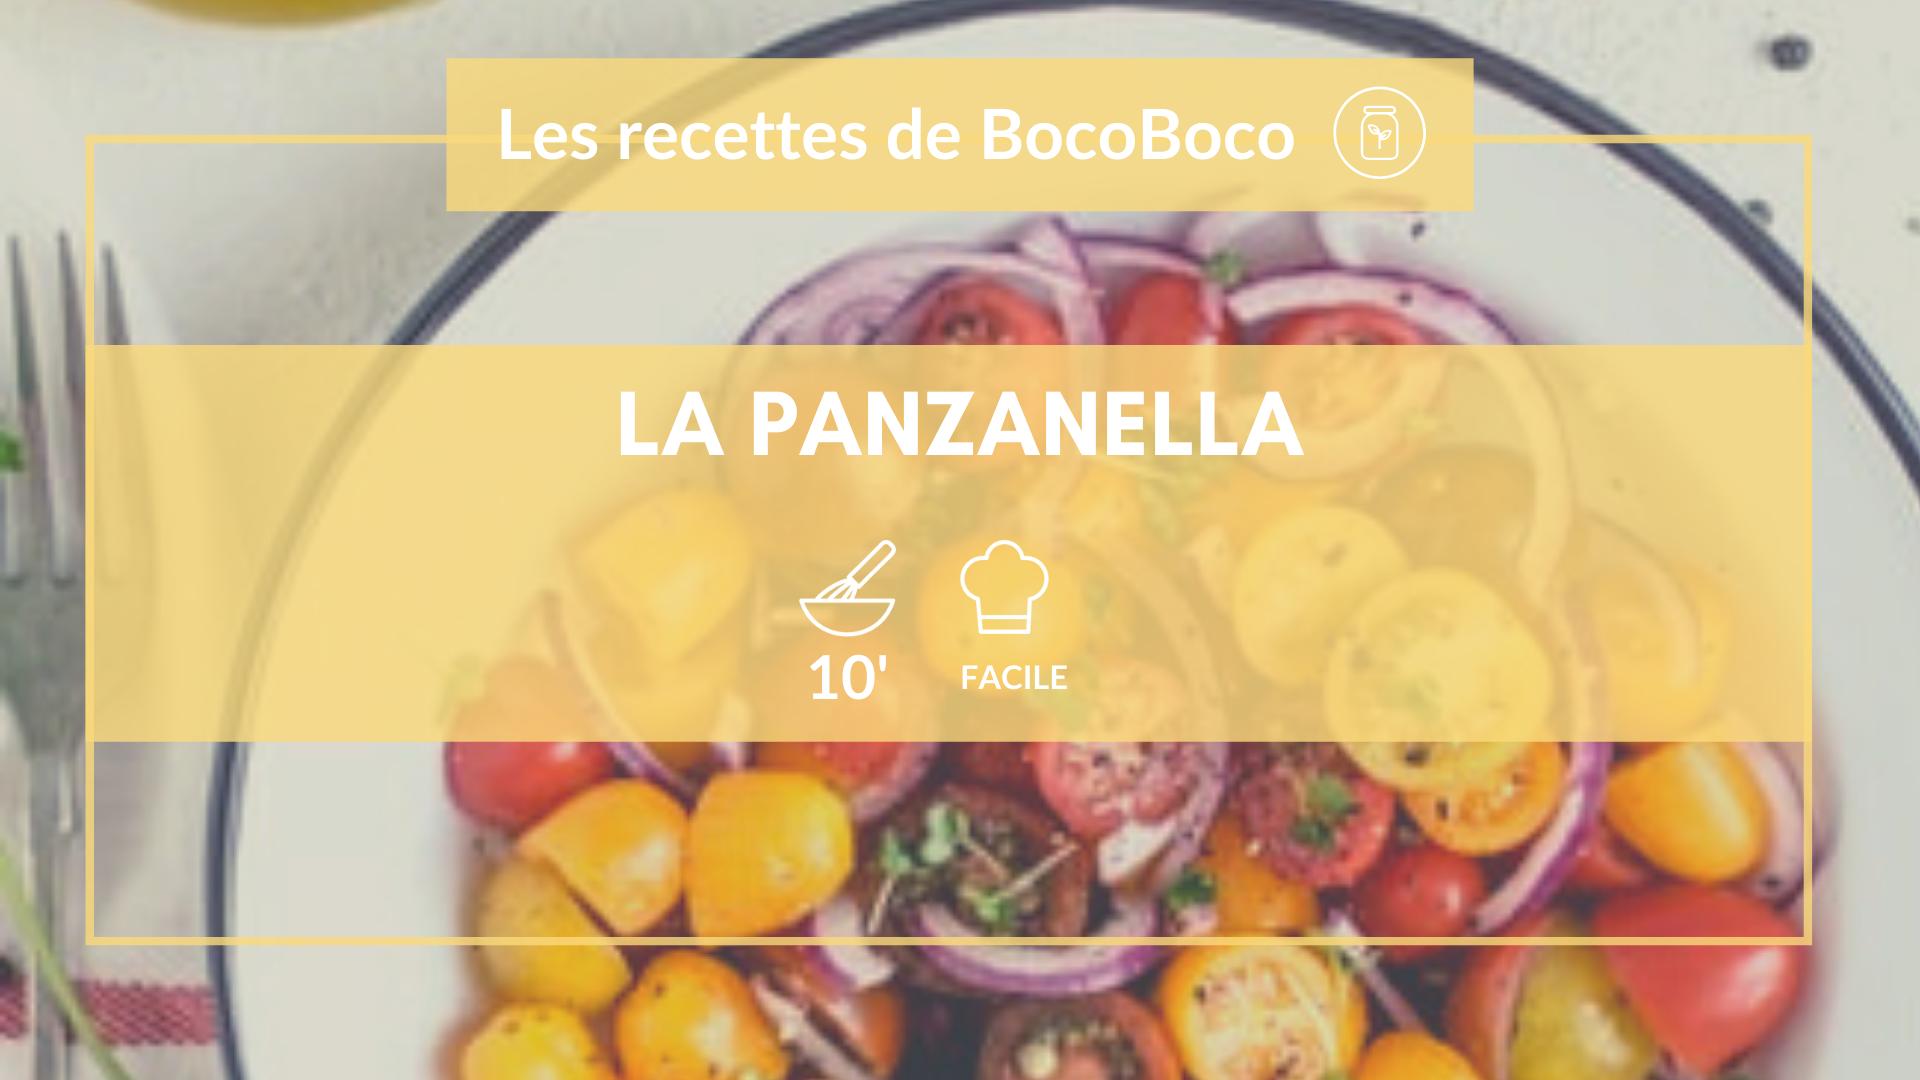 Recette de panzanella